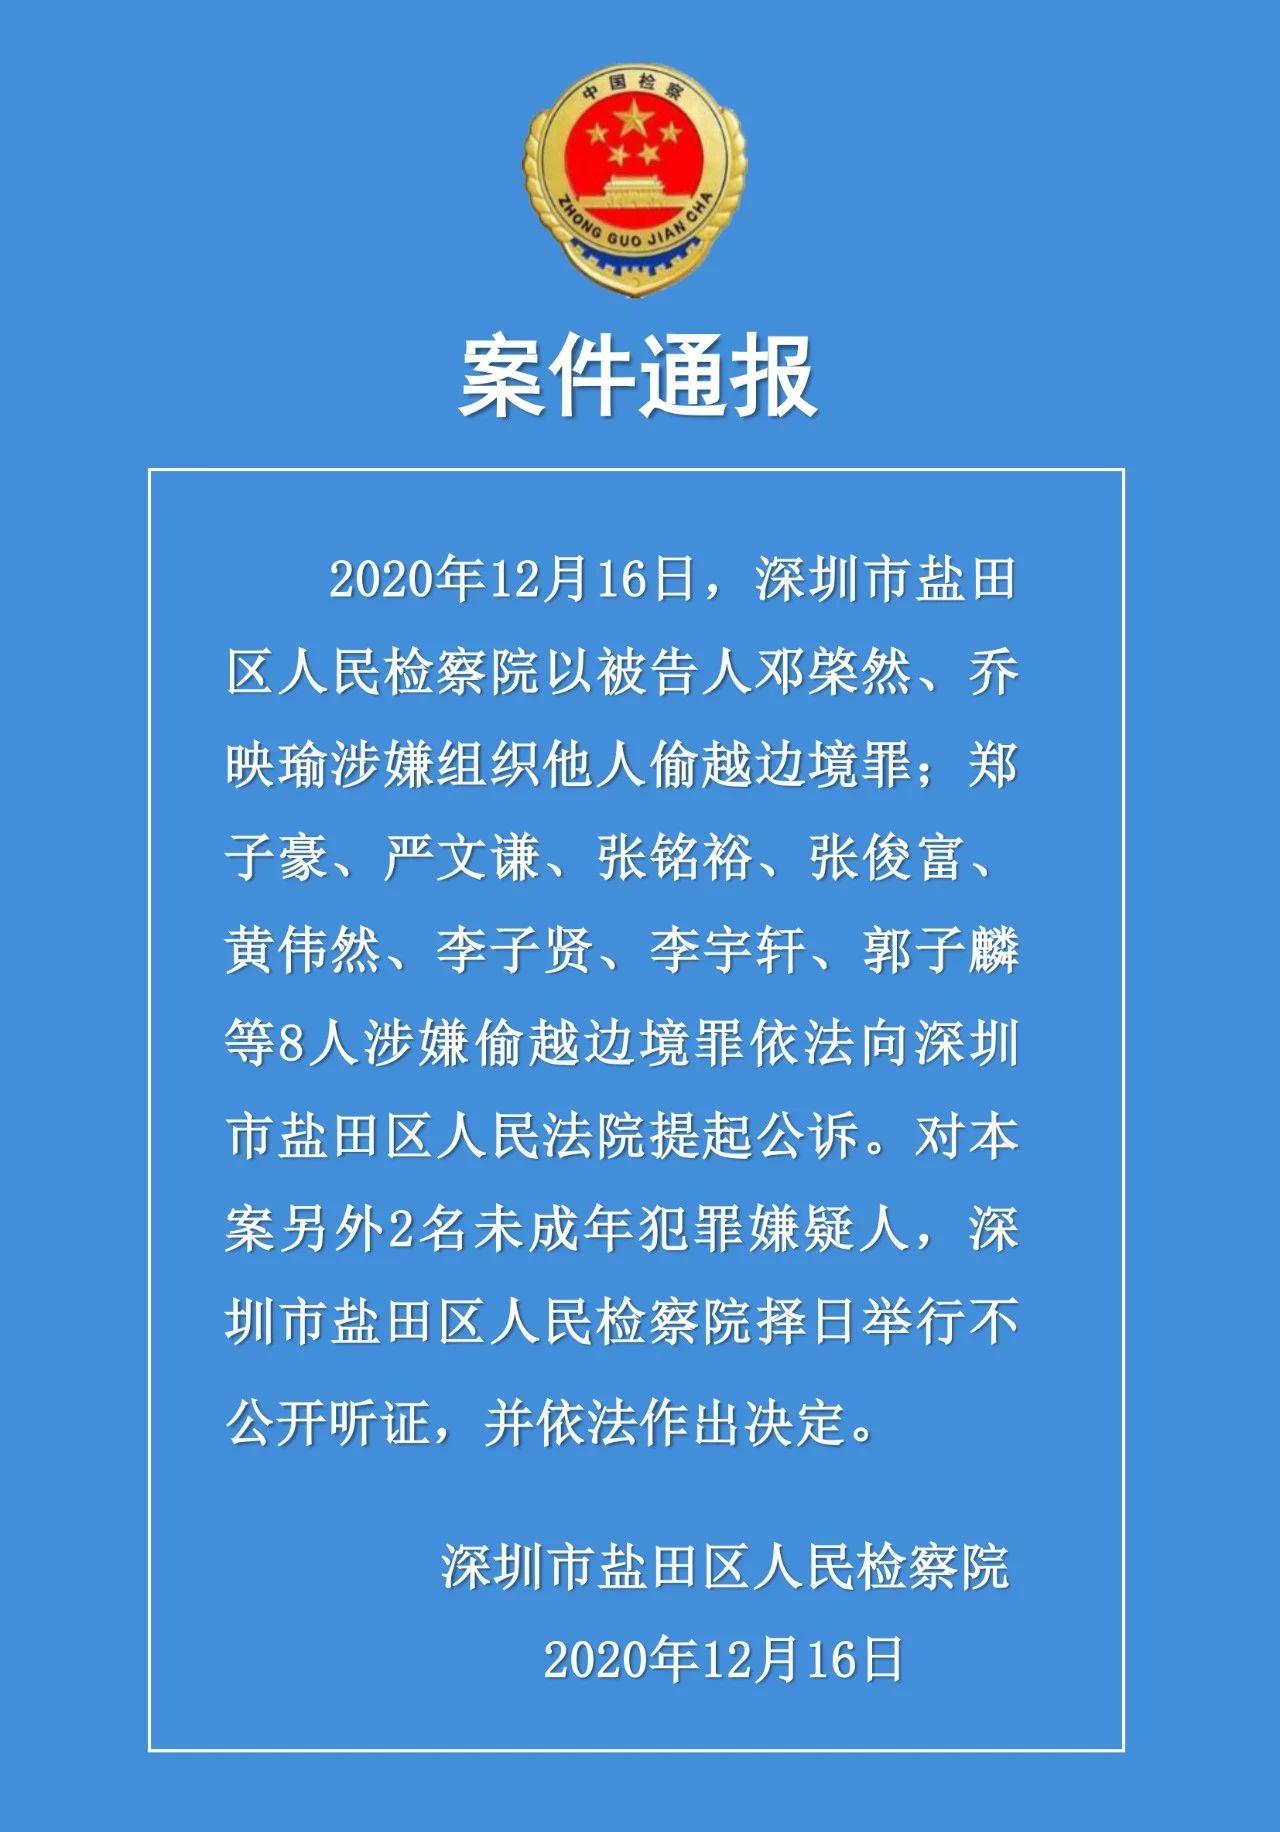 上海到深圳特价机票_站长平台_站长必备工具